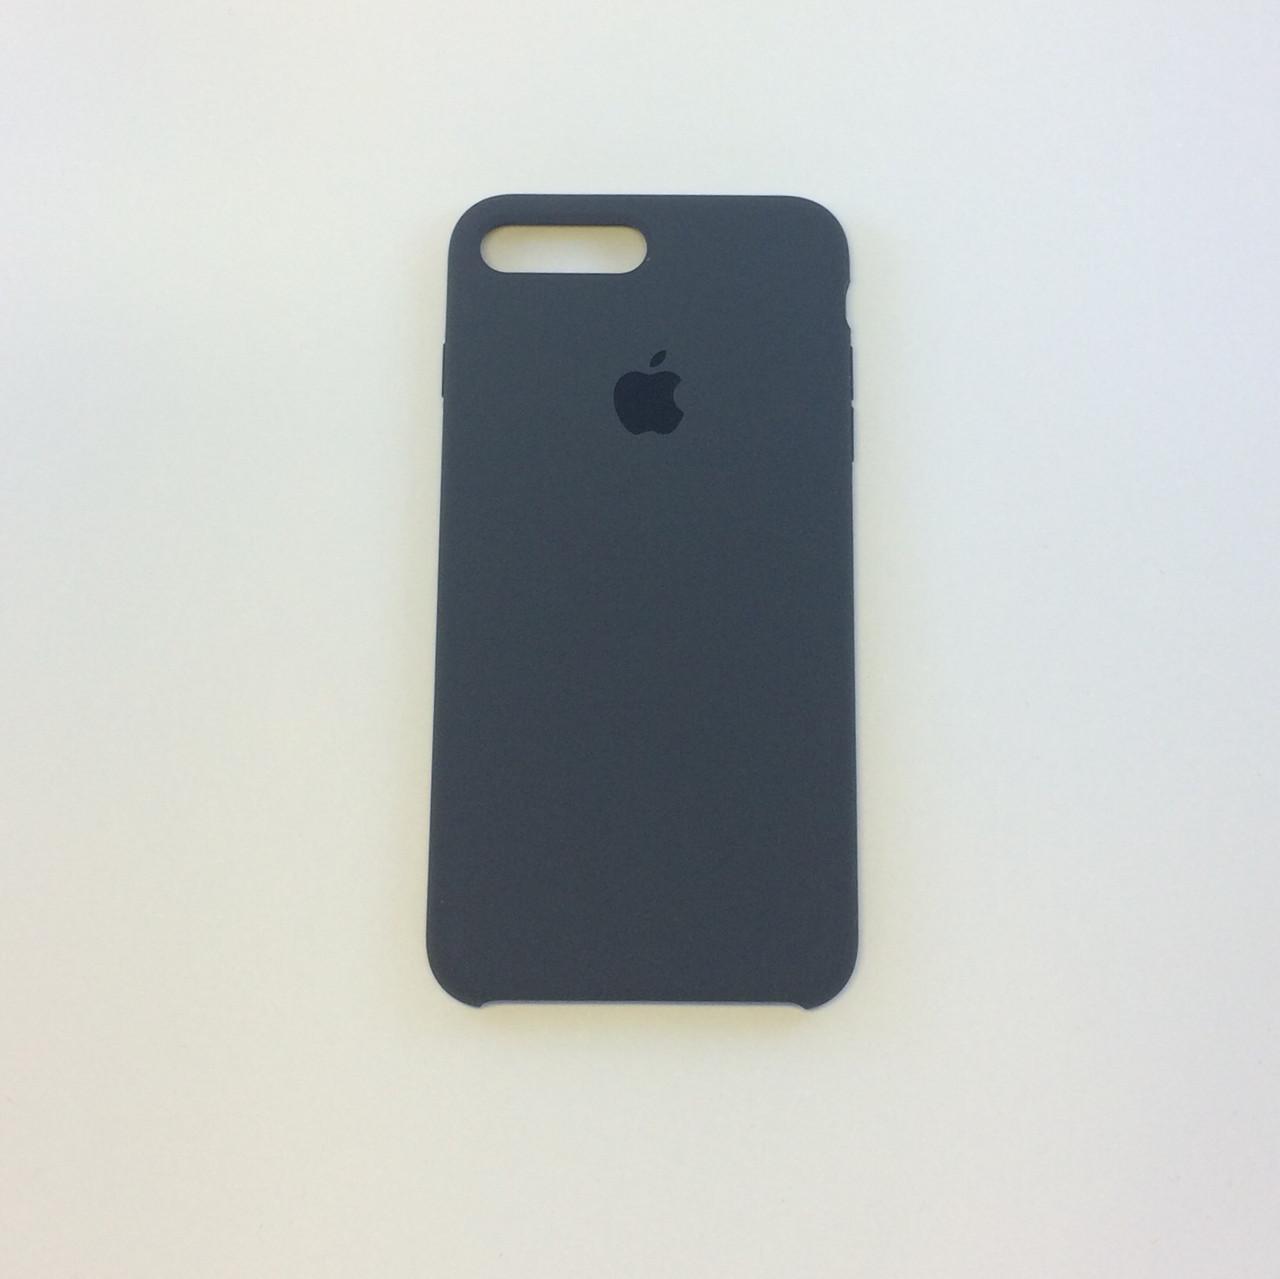 Силиконовый чехол iPhone 7, мокрая галька, copy original